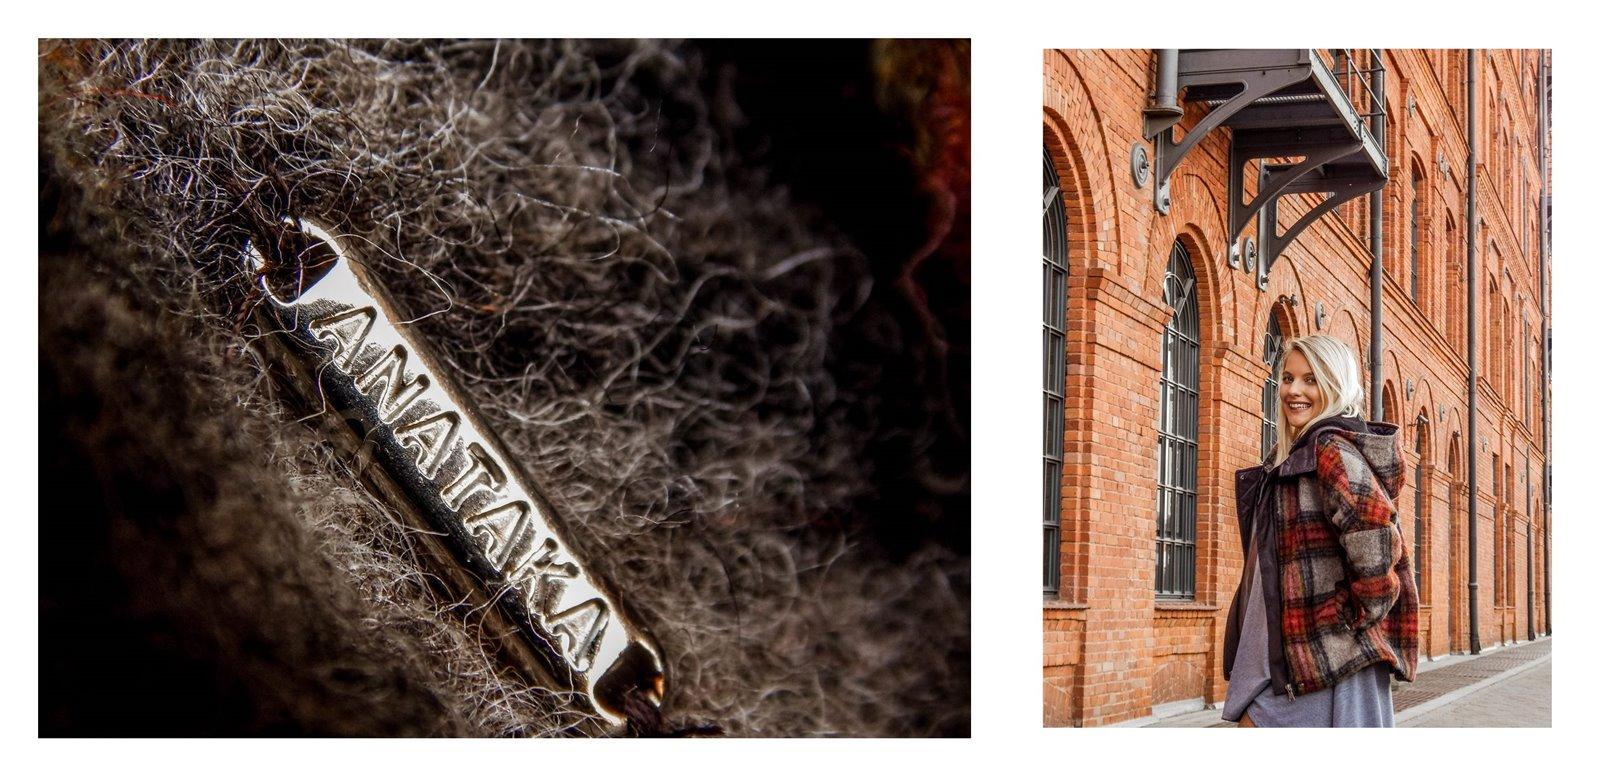 7a płaszcz - ubranie, moda polska, hot moda, moda damska jesień 2018, moda for you, net moda, blog, blogerki fashion łódź anataka kurtka w kratkę ciepła kurtka stylizacje w co się ubrać eleganckie kurtki blondynka